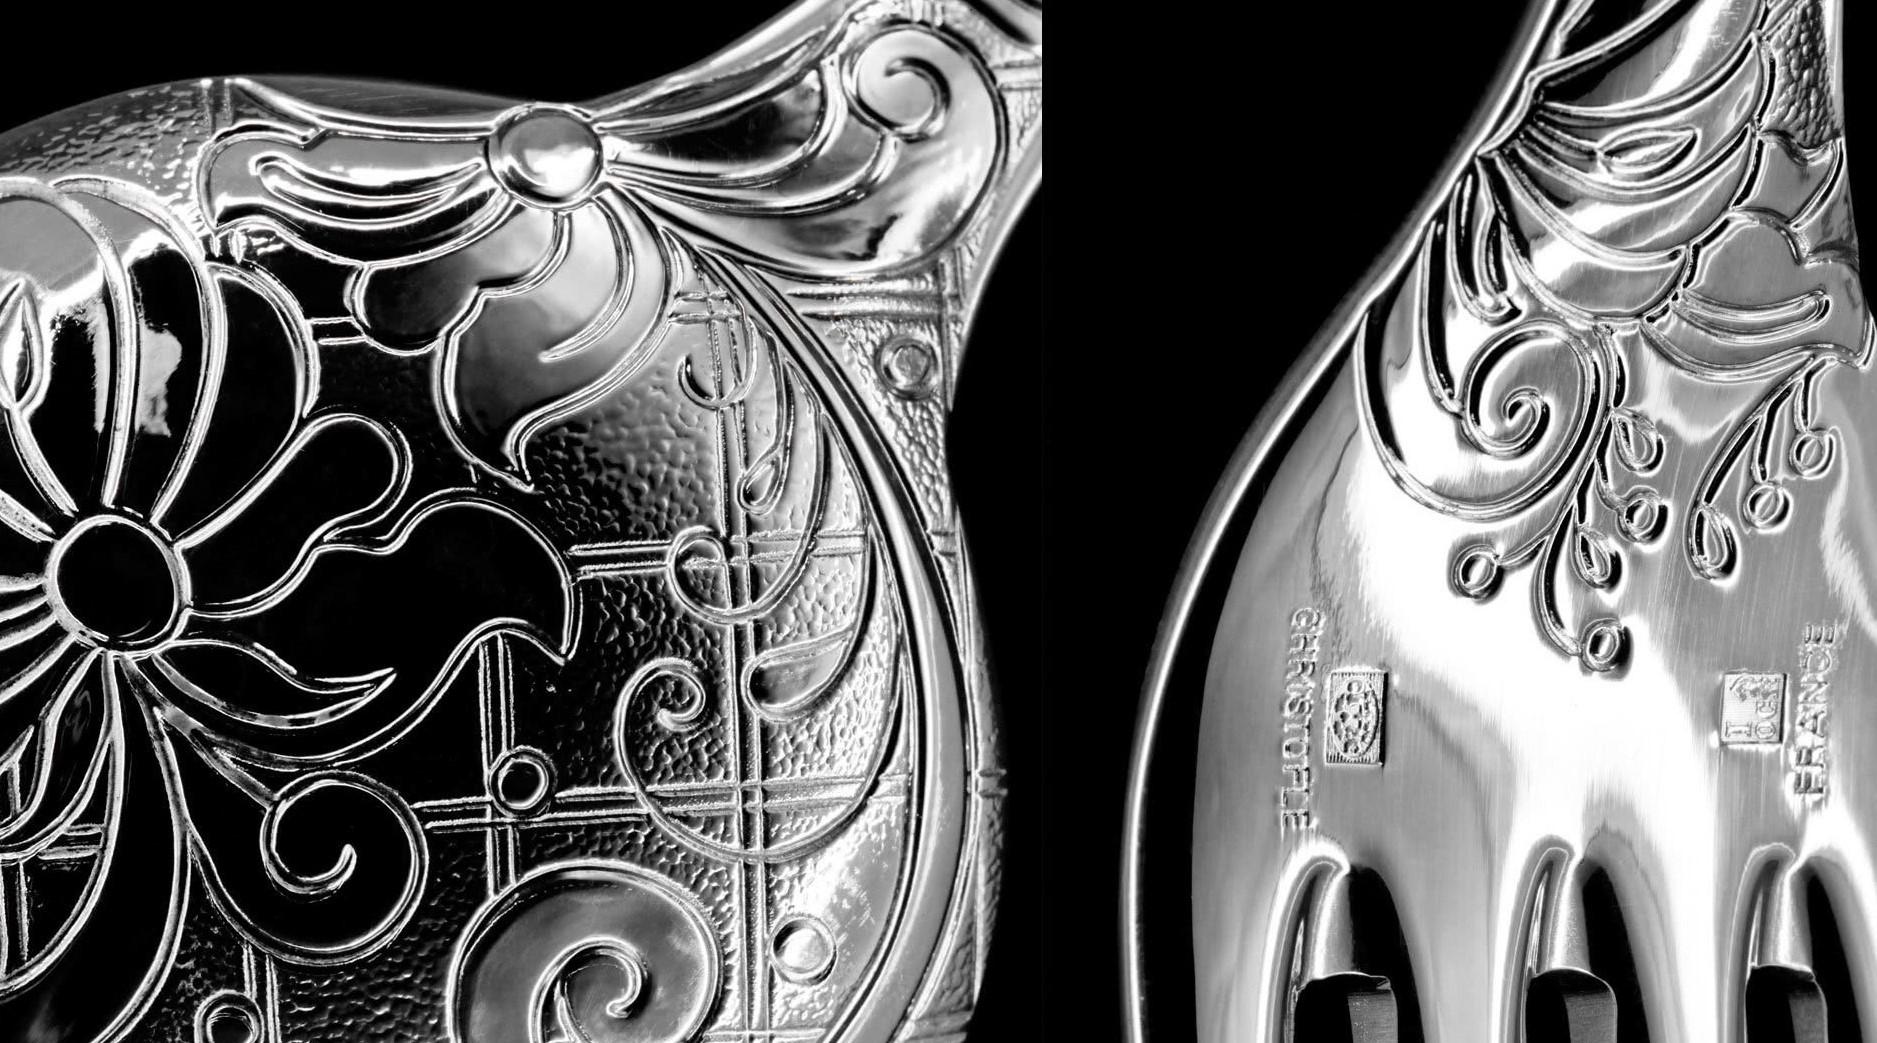 Jardin Eden detailfoto lepel en vork